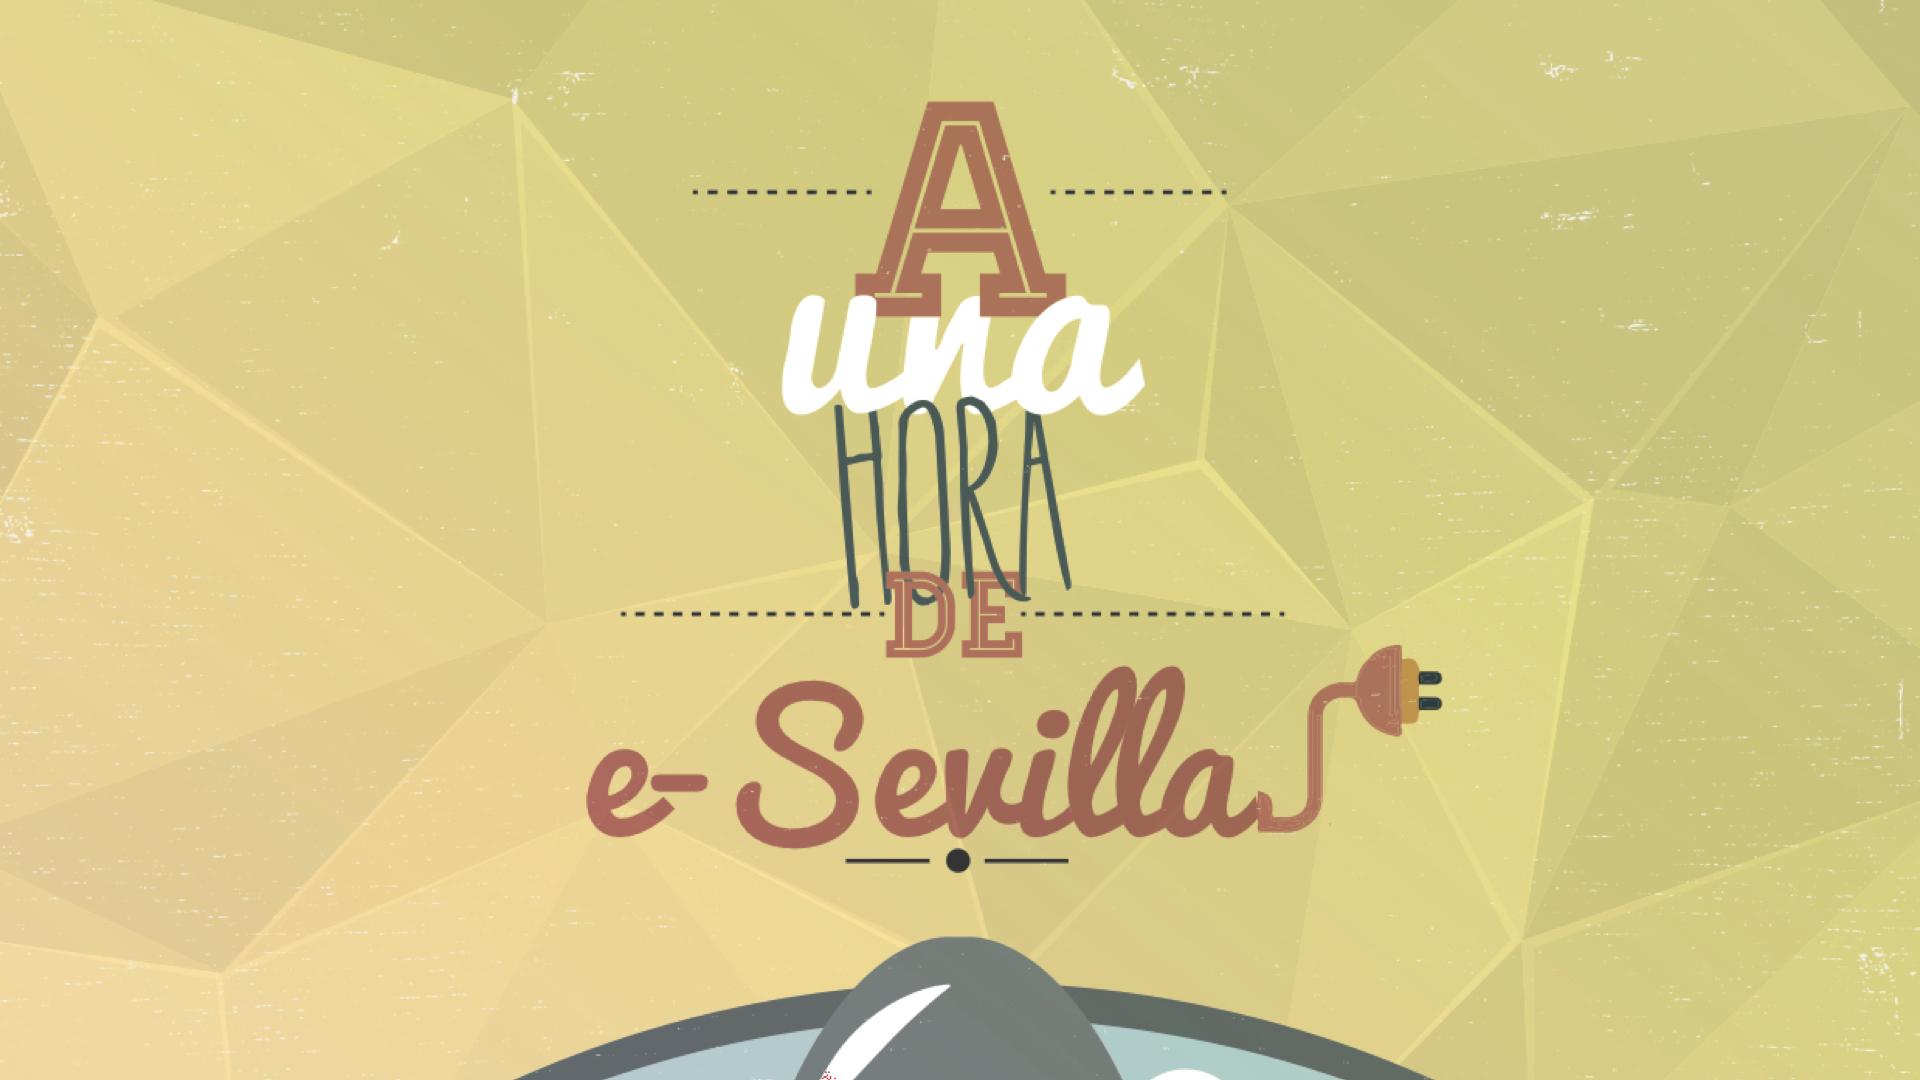 A una hora de e-Sevilla